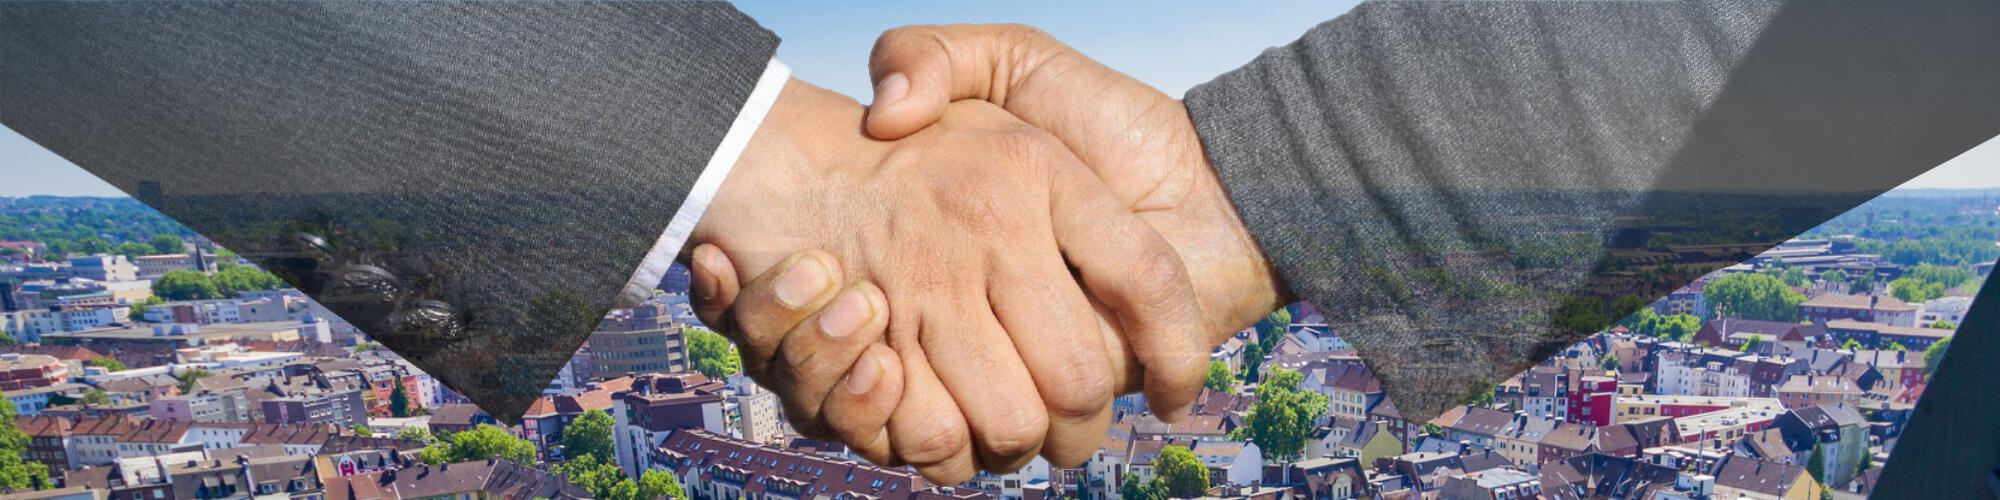 Zwei Geschäftspartner geben sich die Hände vor einer Ansicht der Stadt Bochum